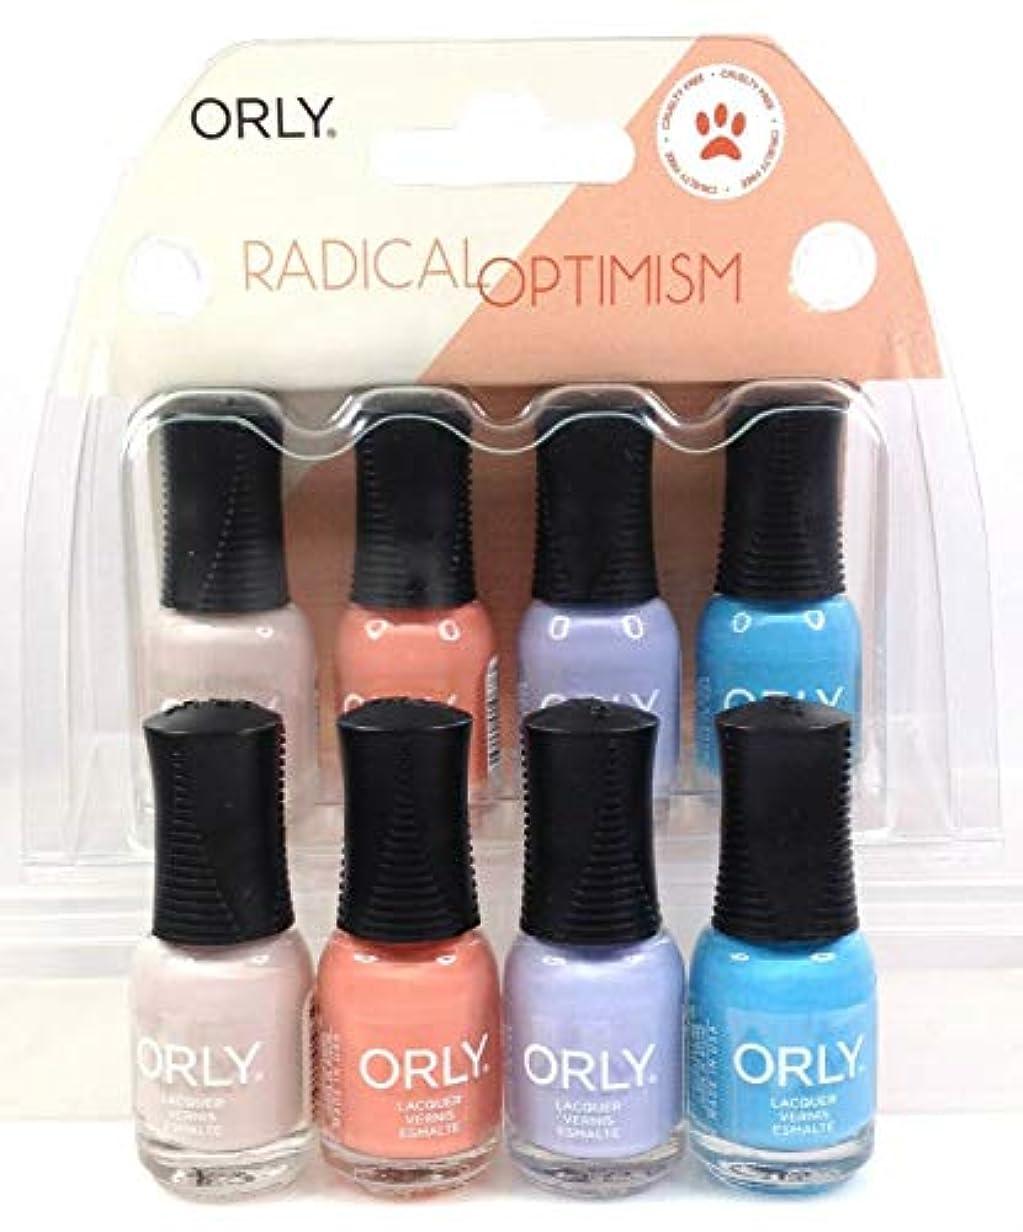 振る舞い食い違い合唱団Orly Nail Lacquer - Radical Optimism 2019 Collection - Mini 4 Pack - 5.3mL / 0.18oz